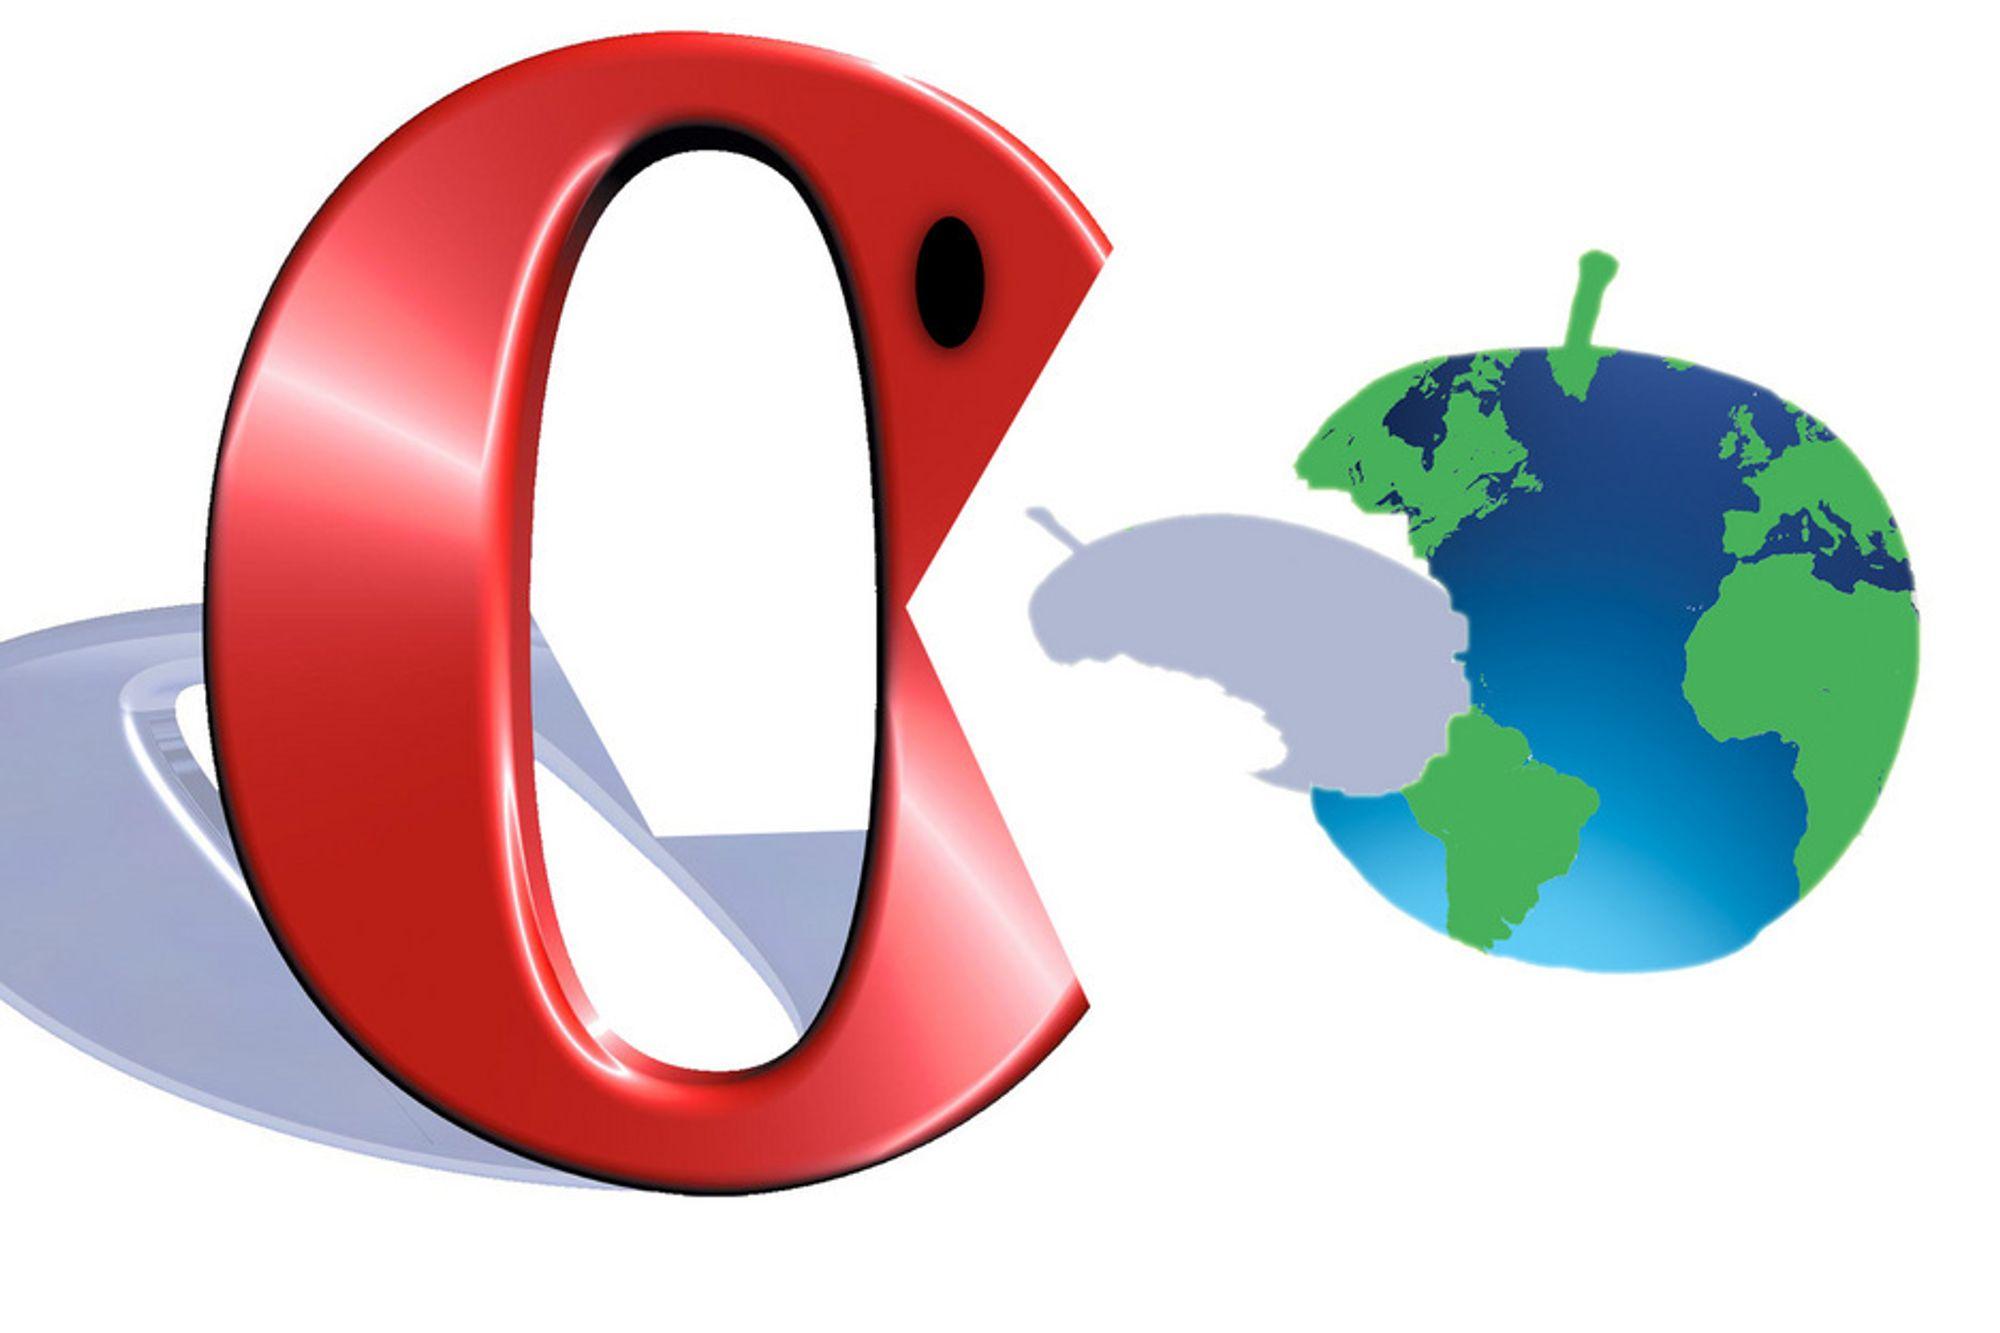 PLANET OF THE APPS: Opera Software spiser seg oppover listen over  verdens største mobil-app-forhandlere, riktignok godt etter de to store: Apples App Store og Googles Android Market.